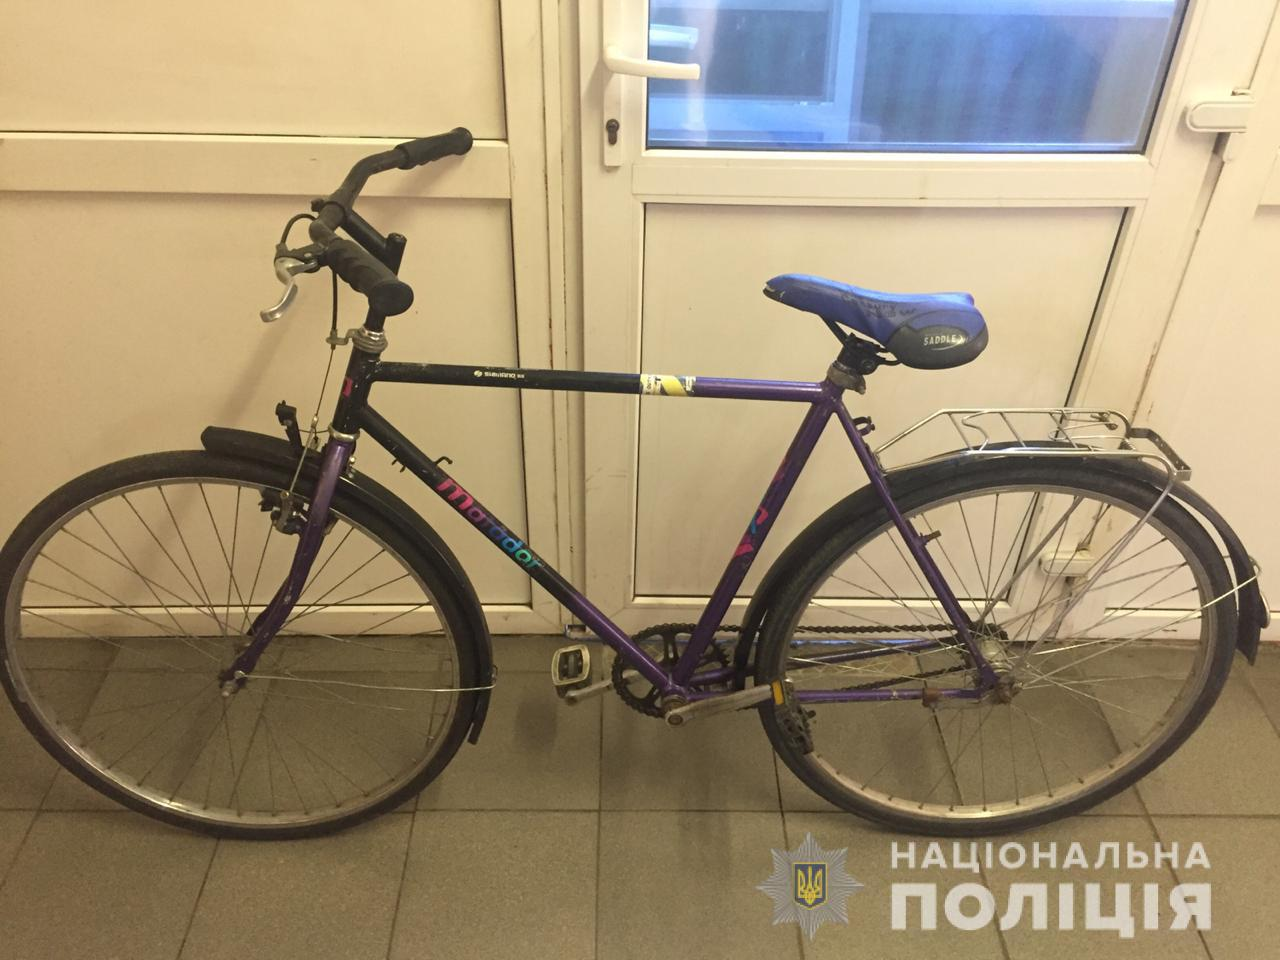 В Никополе полиция нашла украденный велосипед